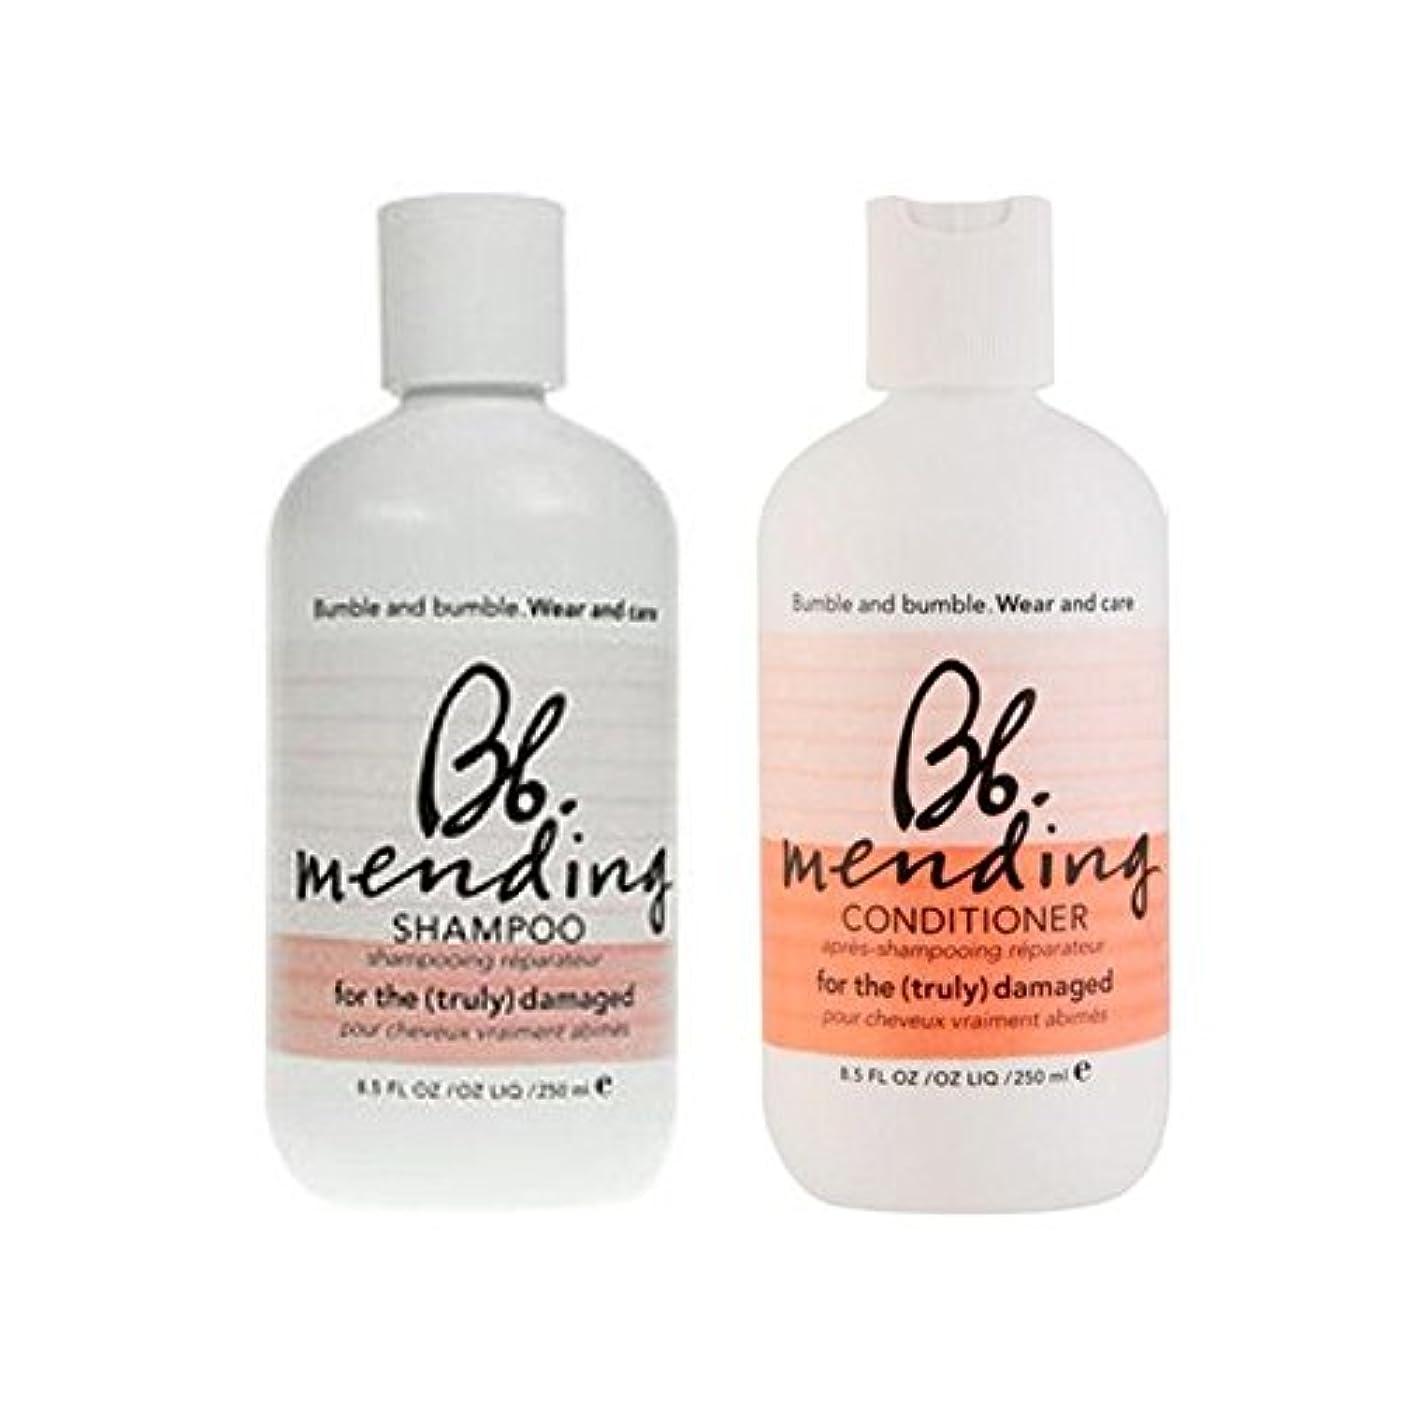 吸い込むぜいたく遠征着用し、-シャンプーとコンディショナーを補修ケア x2 - Bb Wear And Care Mending Duo- Shampoo And Conditioner (Pack of 2) [並行輸入品]